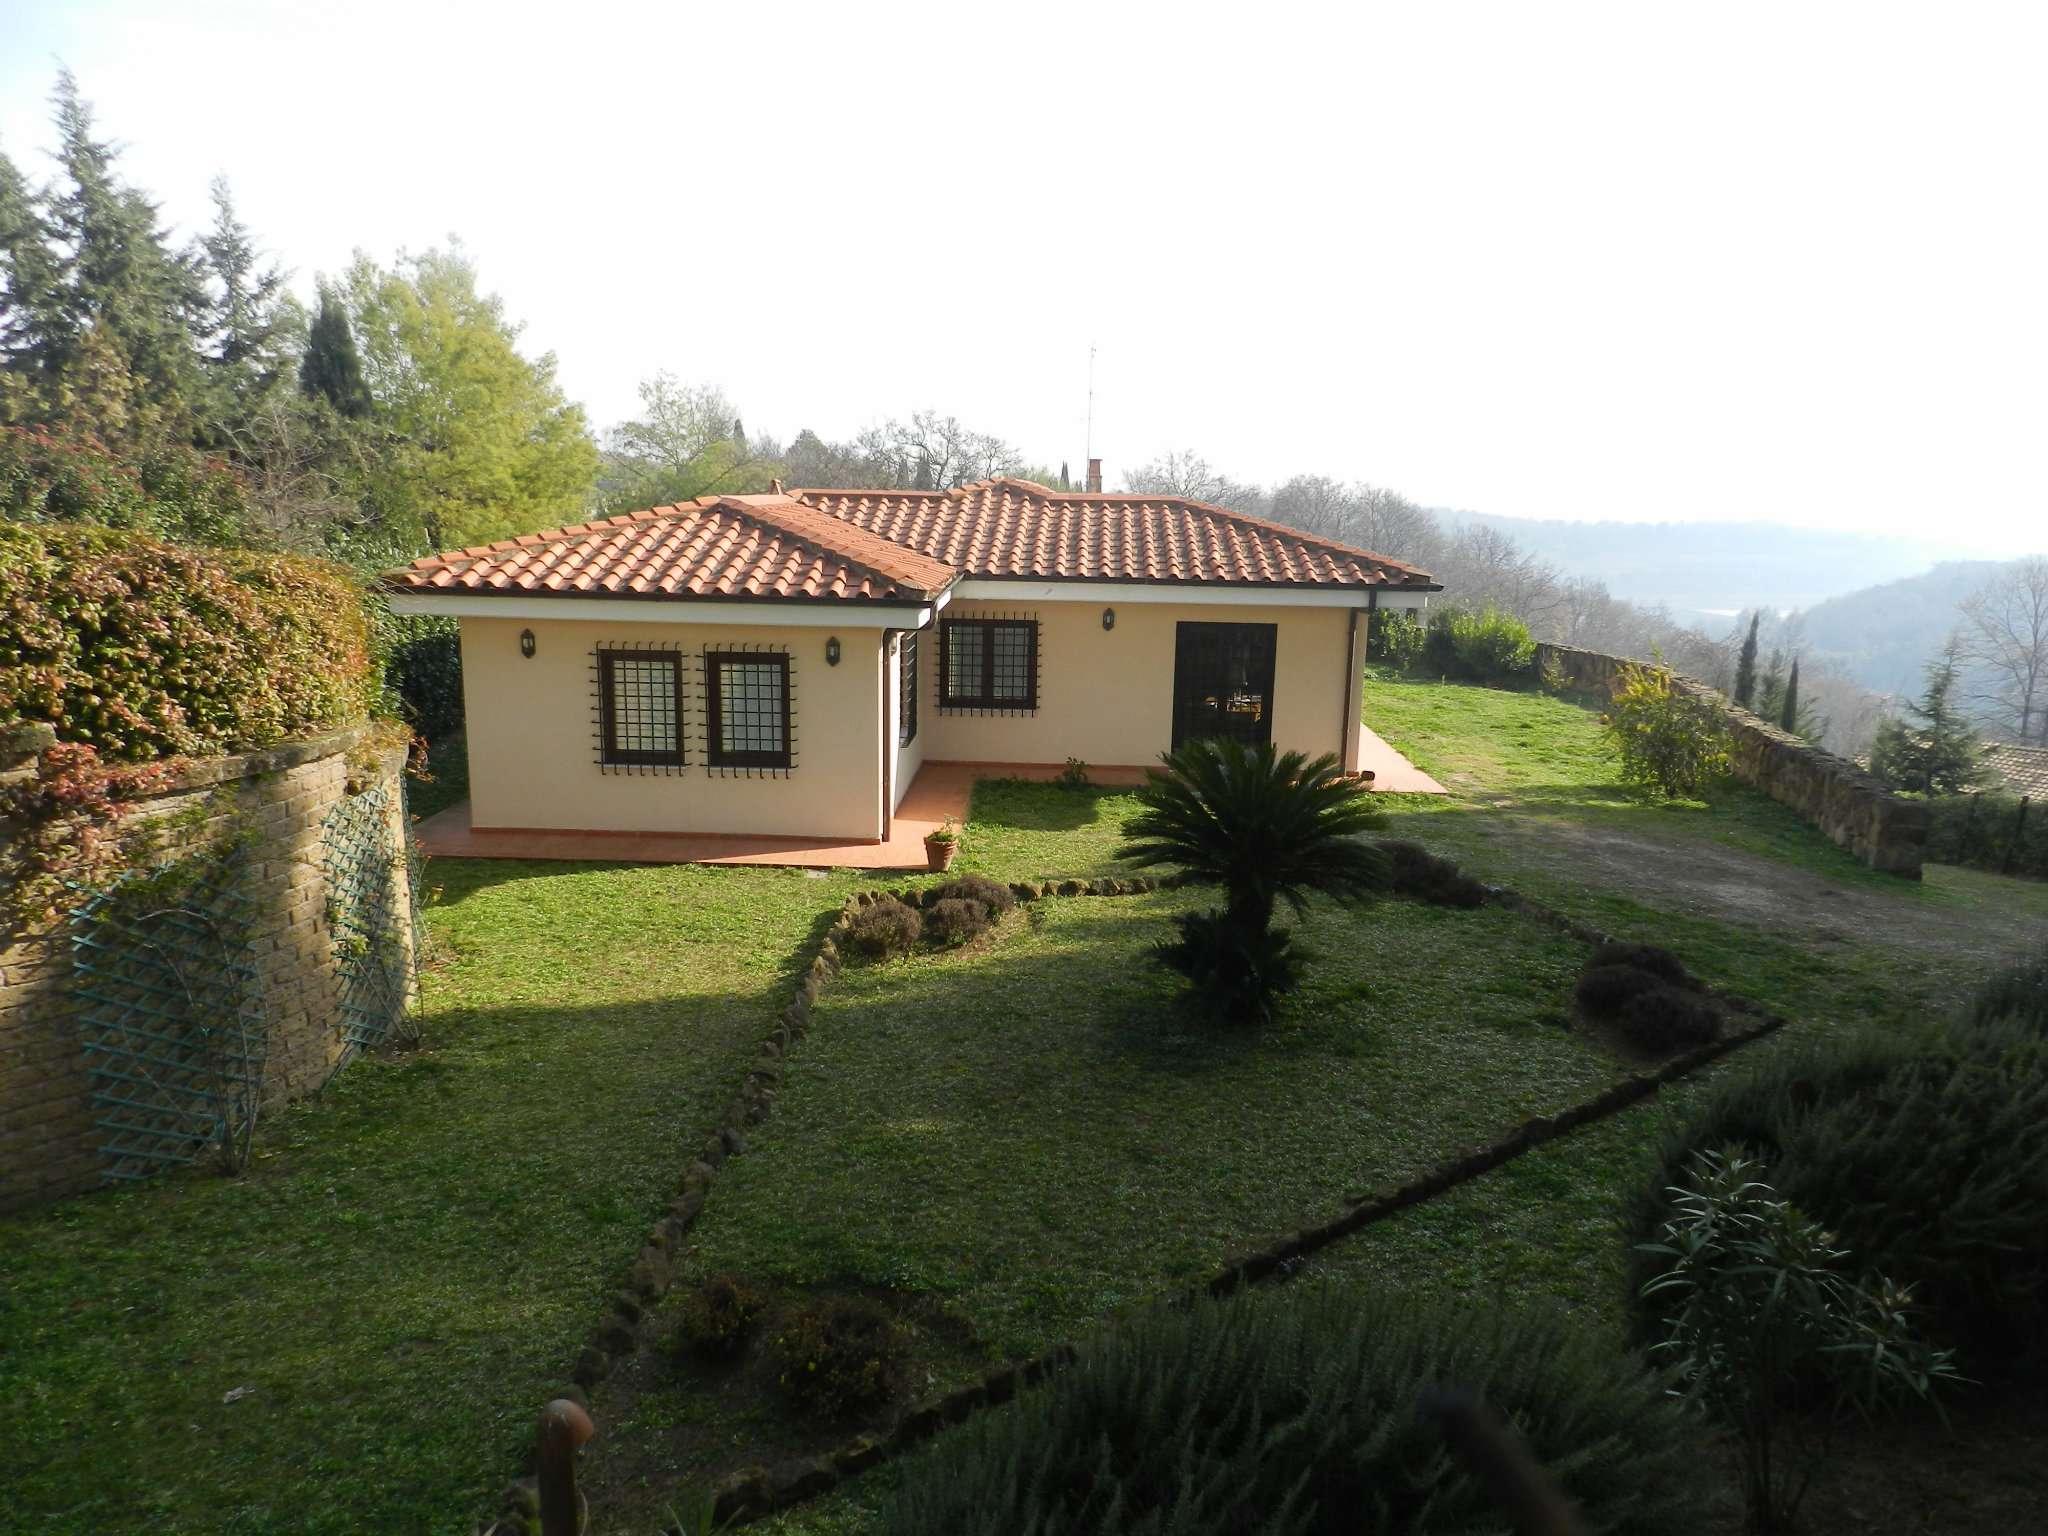 Villa in vendita a Riano, 9999 locali, prezzo € 575.000 | CambioCasa.it